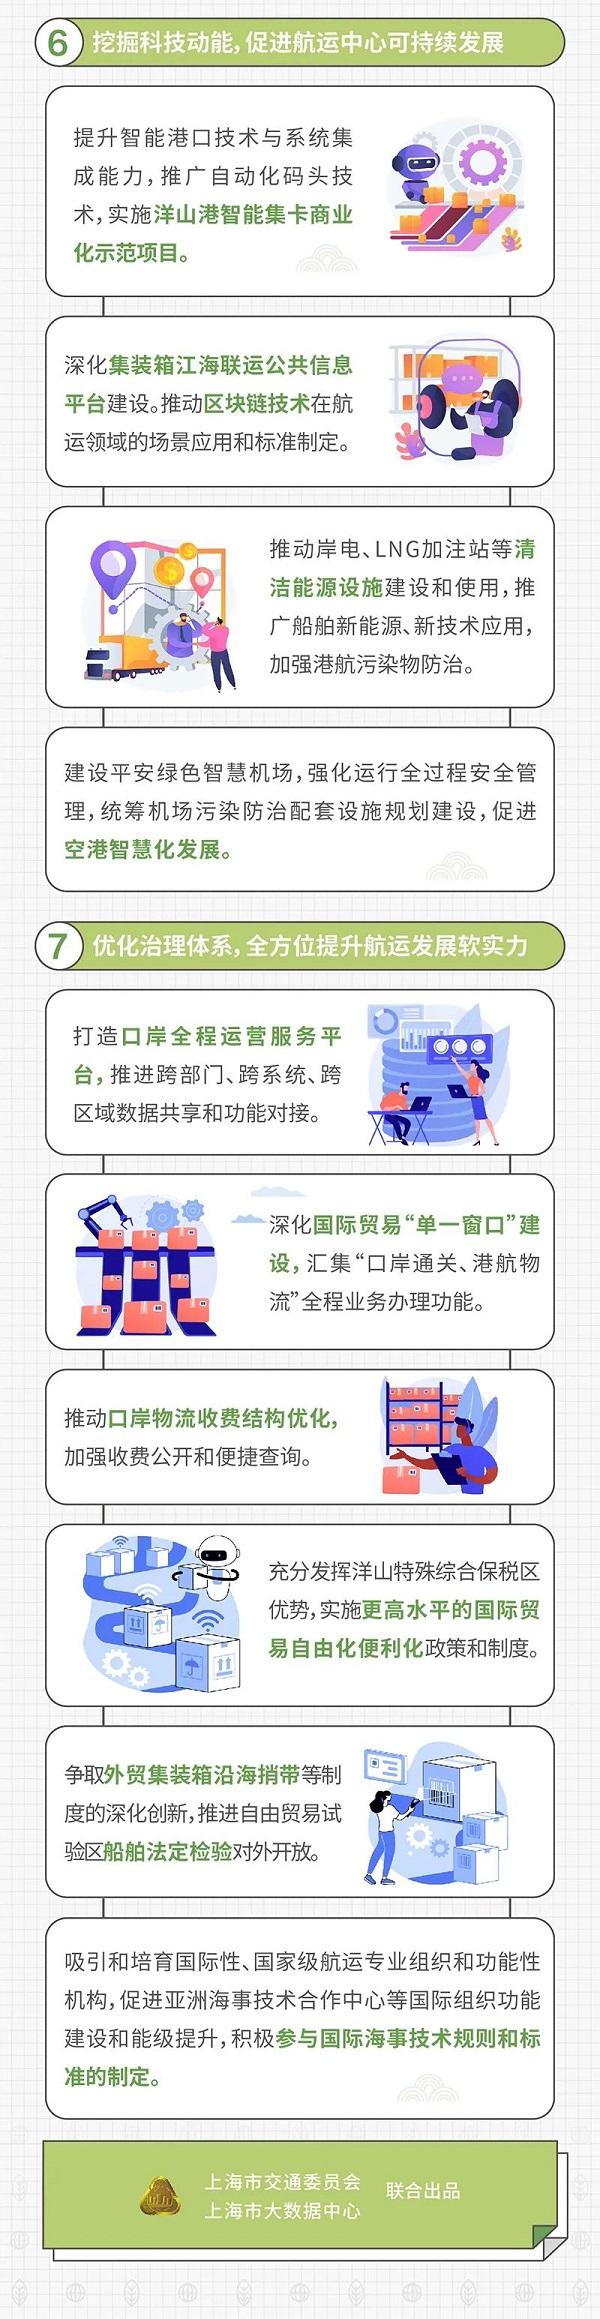 shanghai210701d